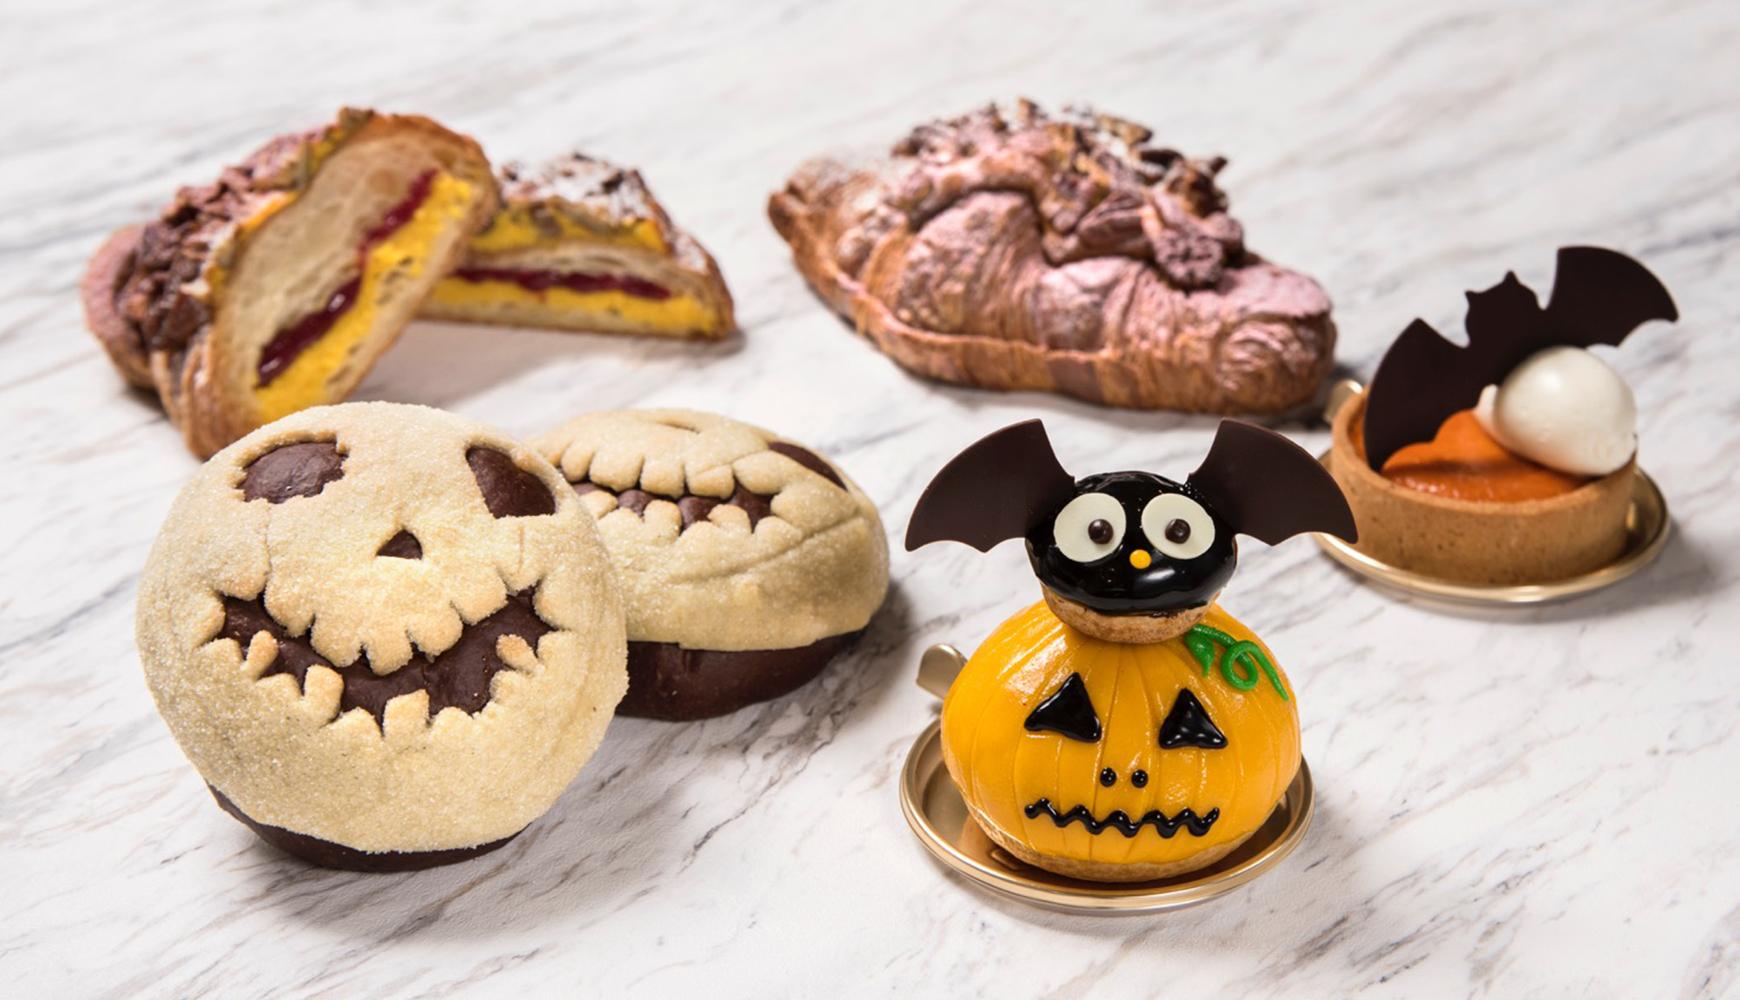 「ドミニクアンセルベーカリー」ハロウィンスイーツが登場! かぼちゃづくしのパン&スイーツ